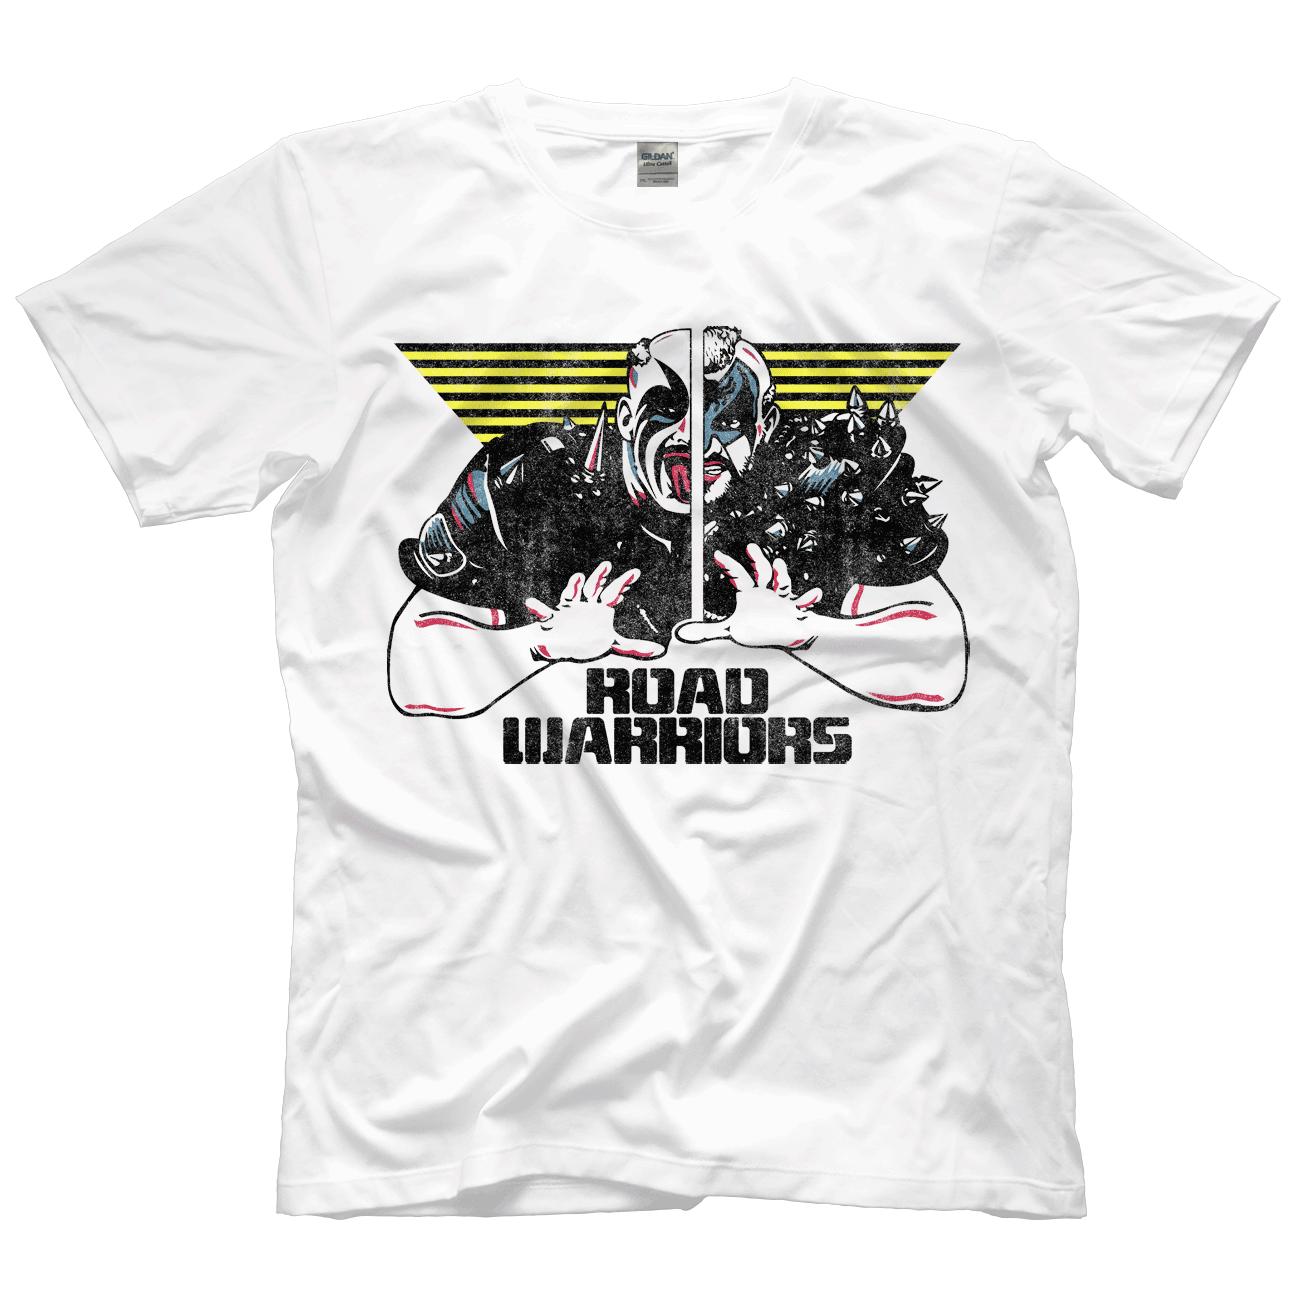 Road Warriors T shirt; Road Warriors T shirt